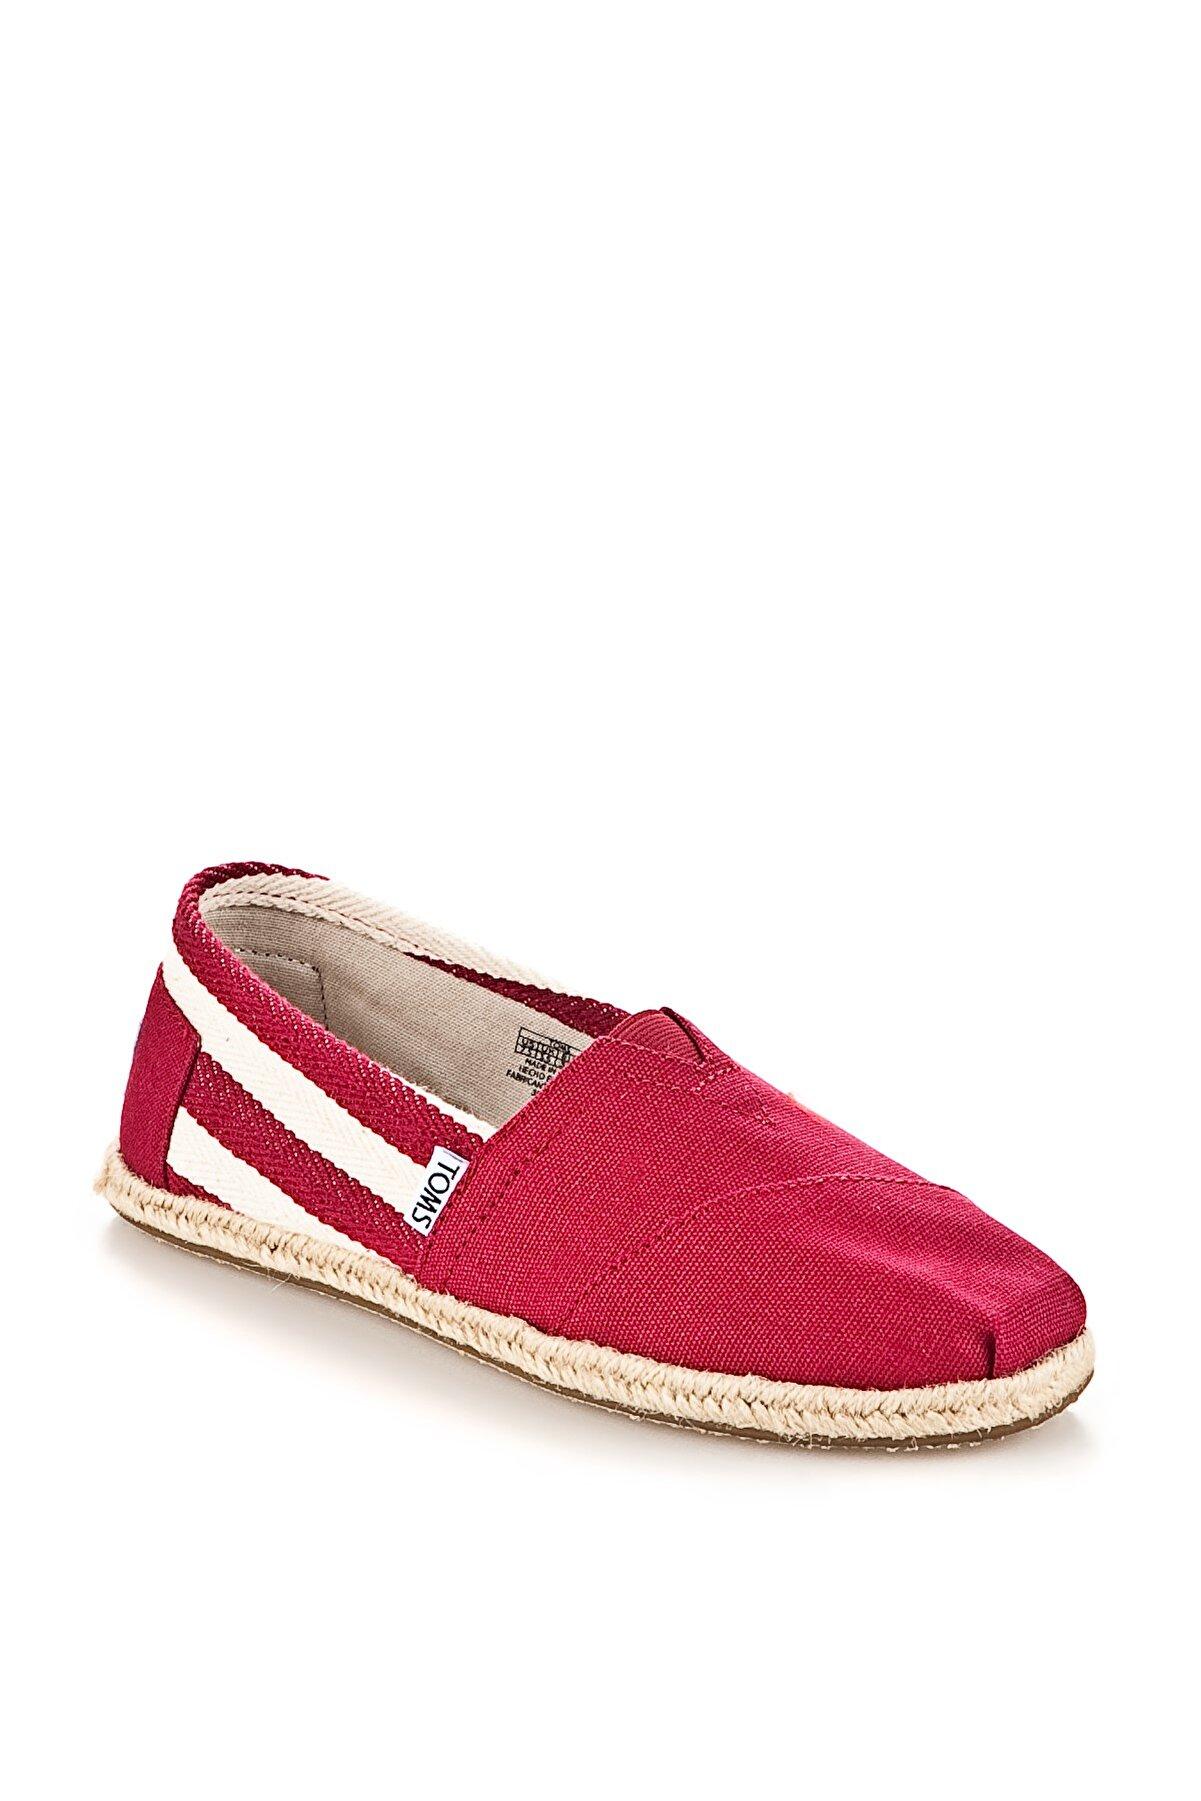 Toms University Klasik Alpargata Kadın Ayakkabı 10005421